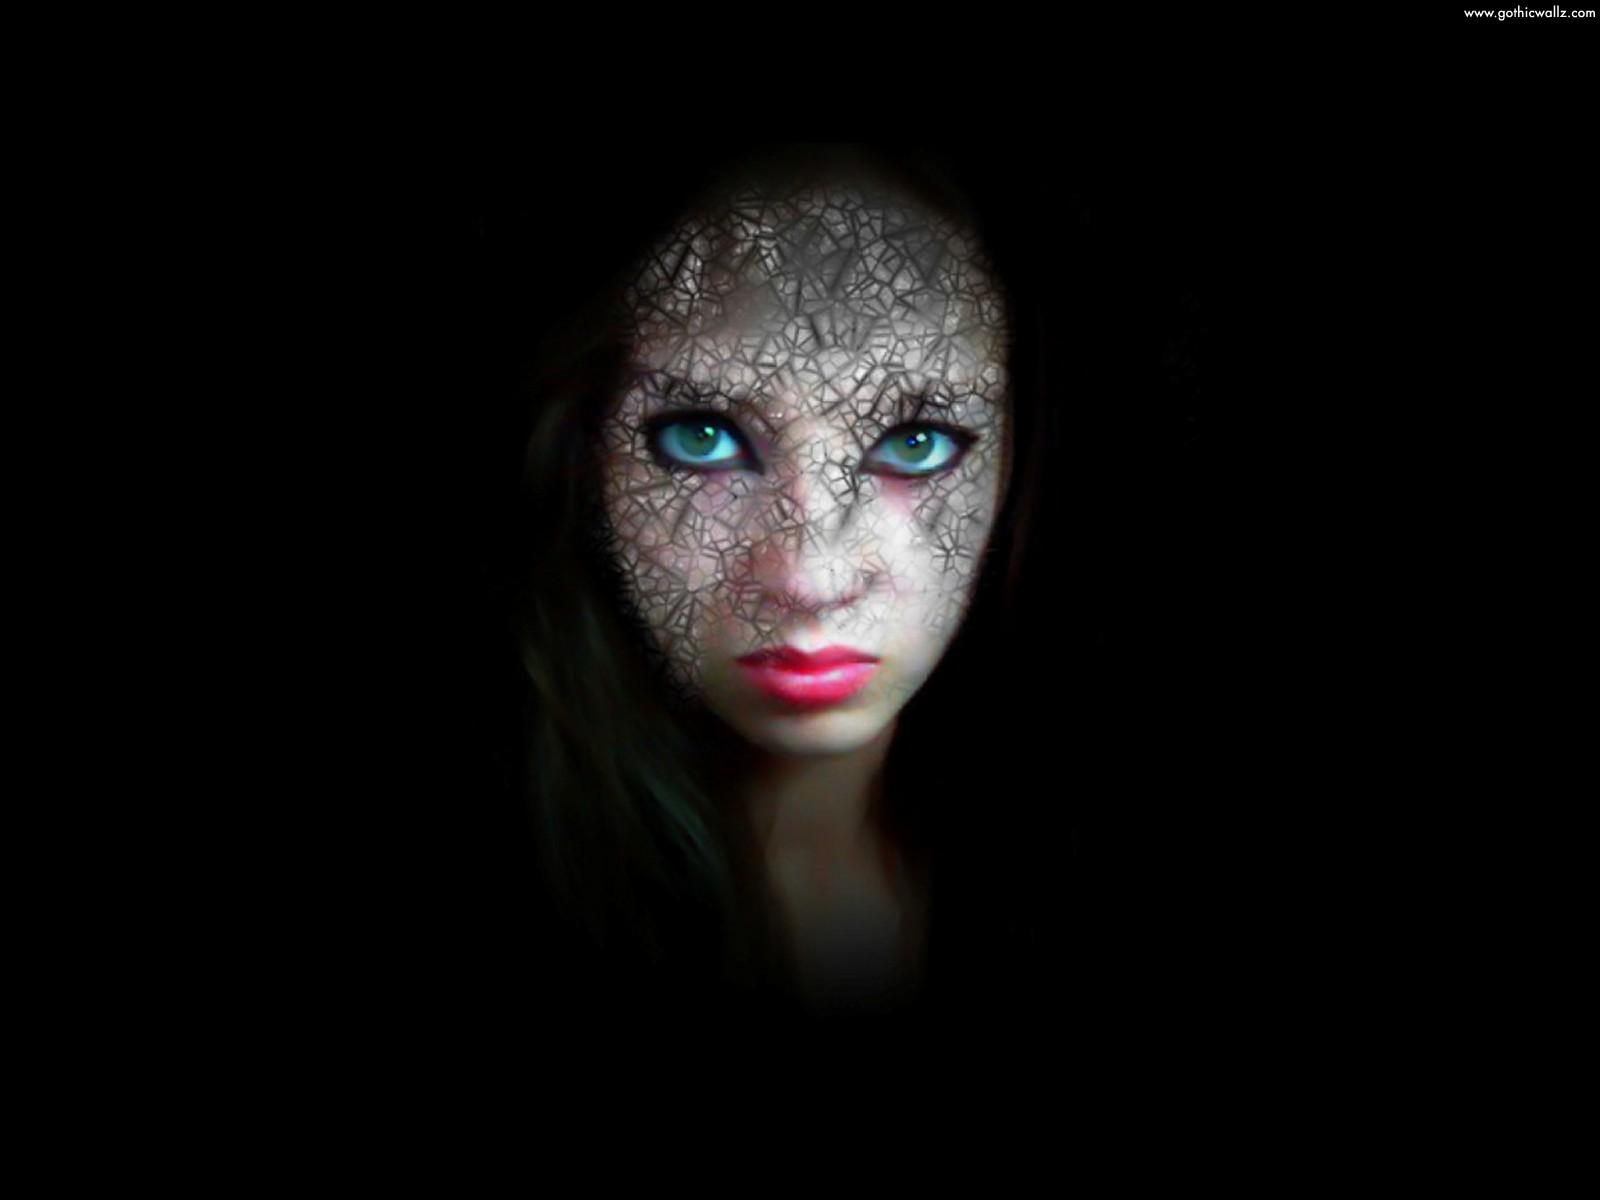 Goth Girl | Dark Gothic Wallpaper Download